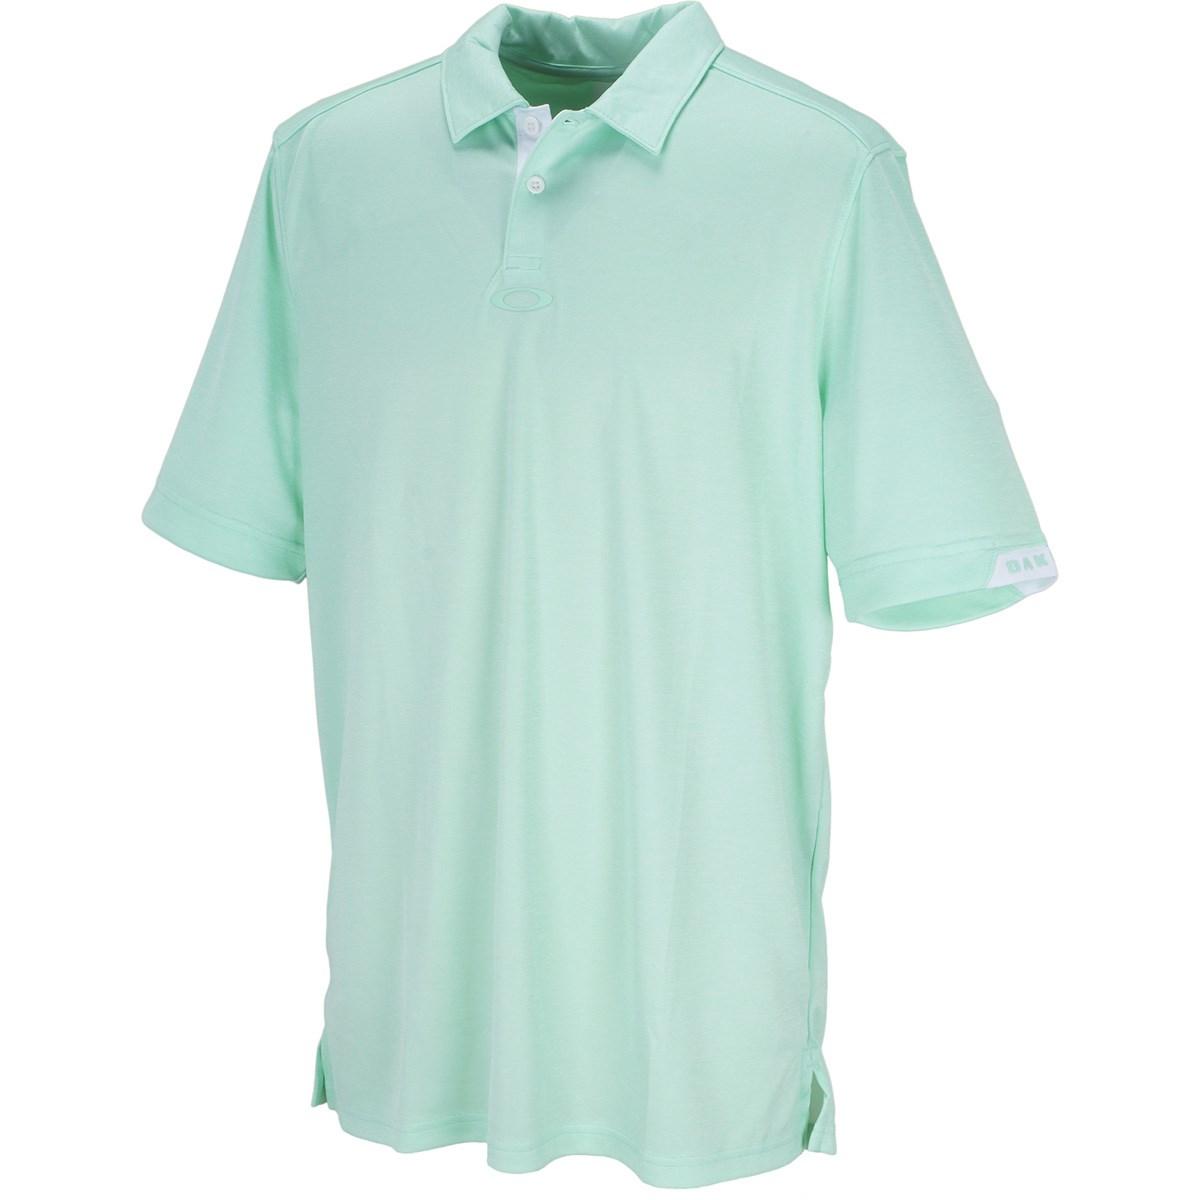 オークリー(OAKLEY) GRAVITY 半袖ポロシャツ 2.0